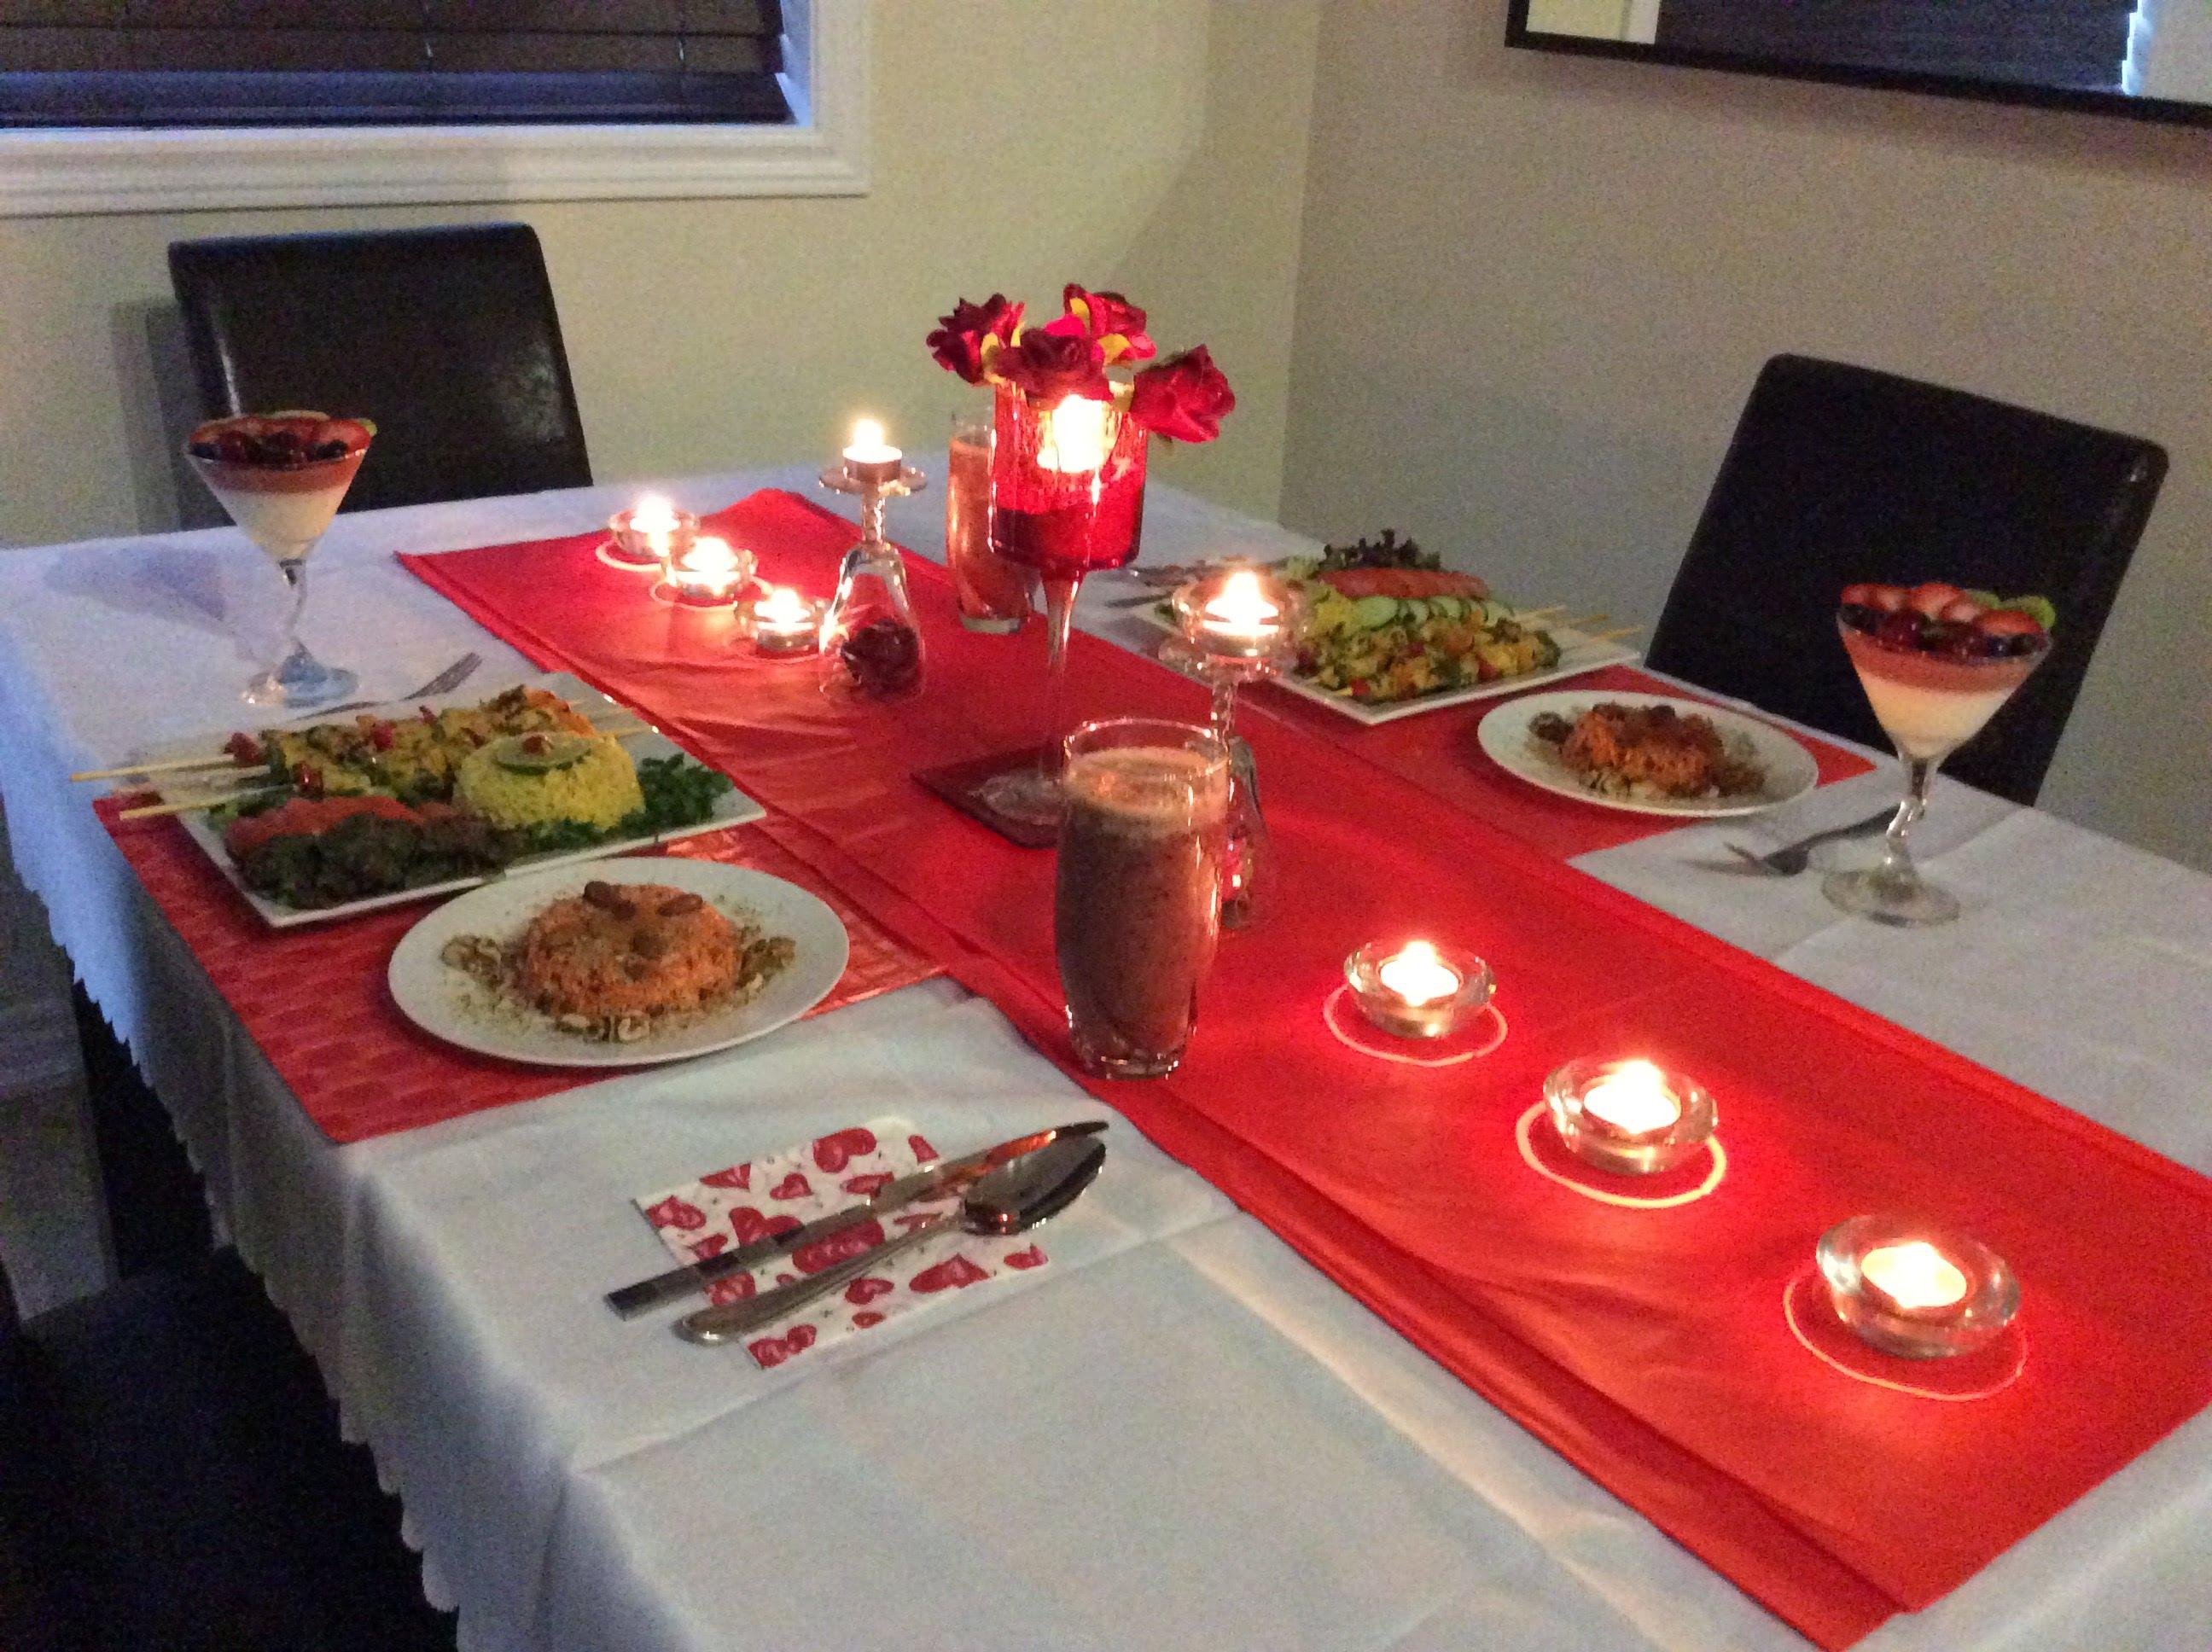 صور عشاء رومانسي في البيت , افكار لطاولات منزلية رومانسية